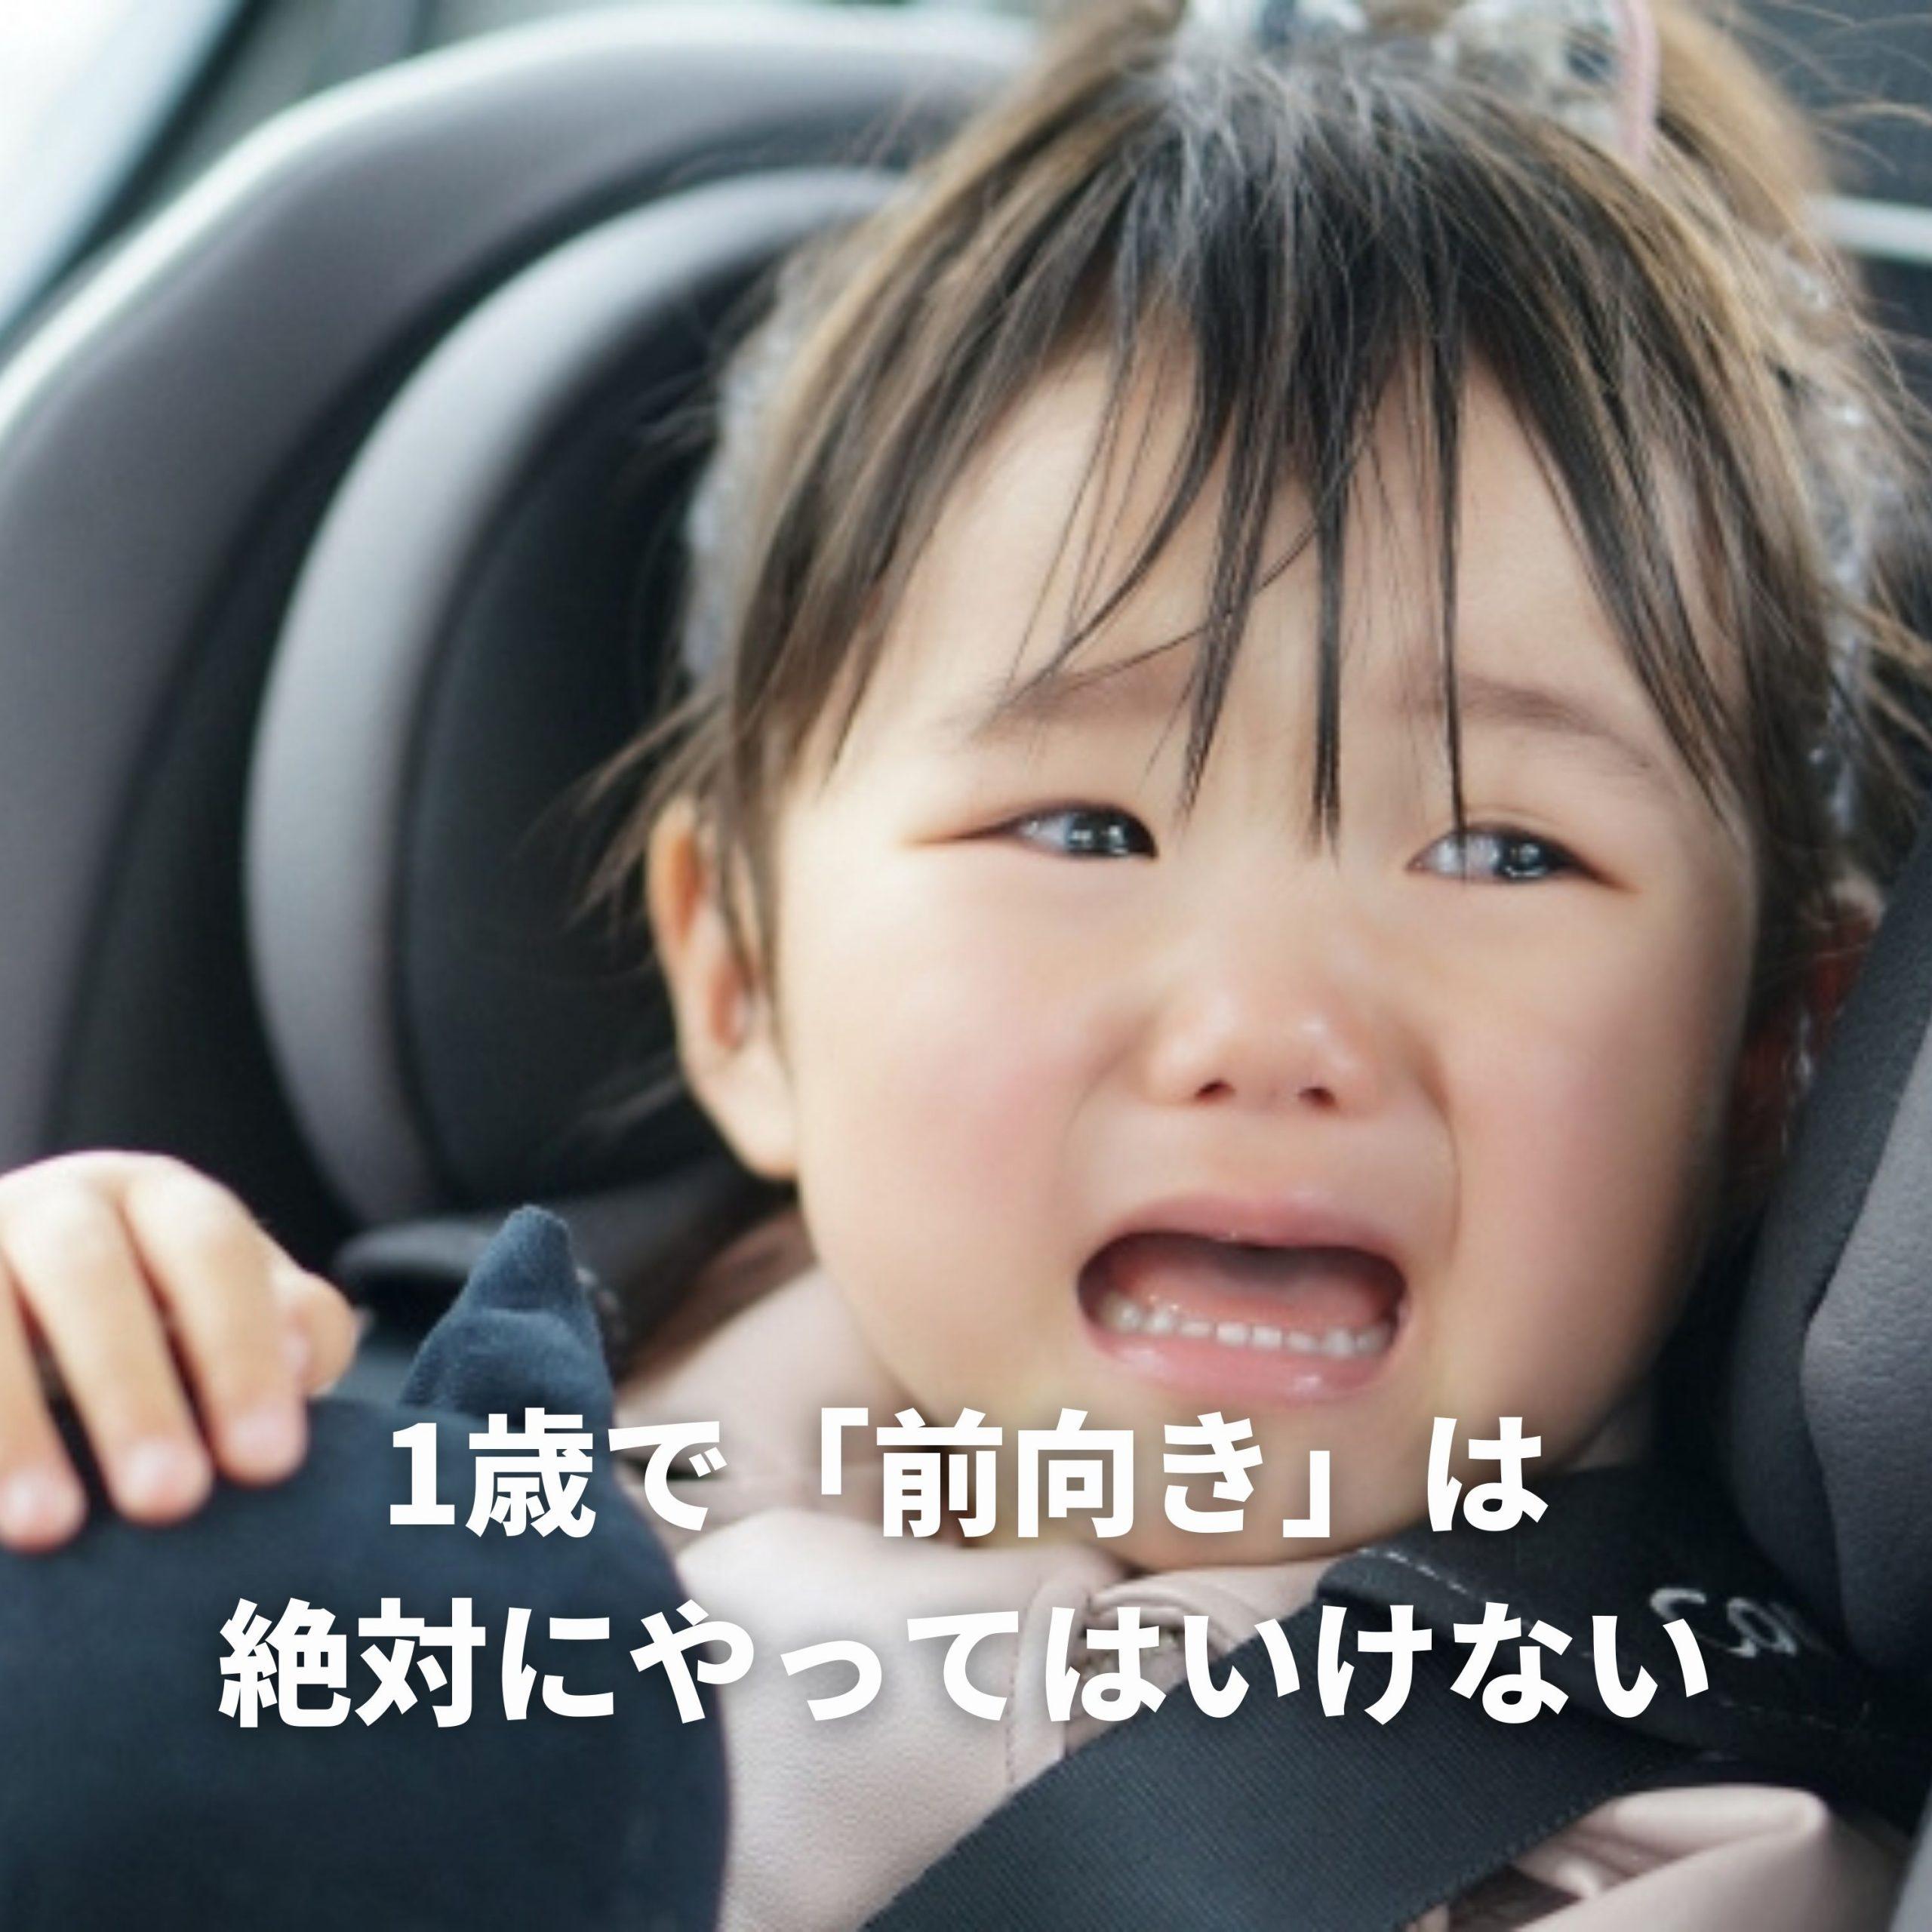 【衝撃】1歳過ぎでチャイルドシートを「前向き」は早すぎだった